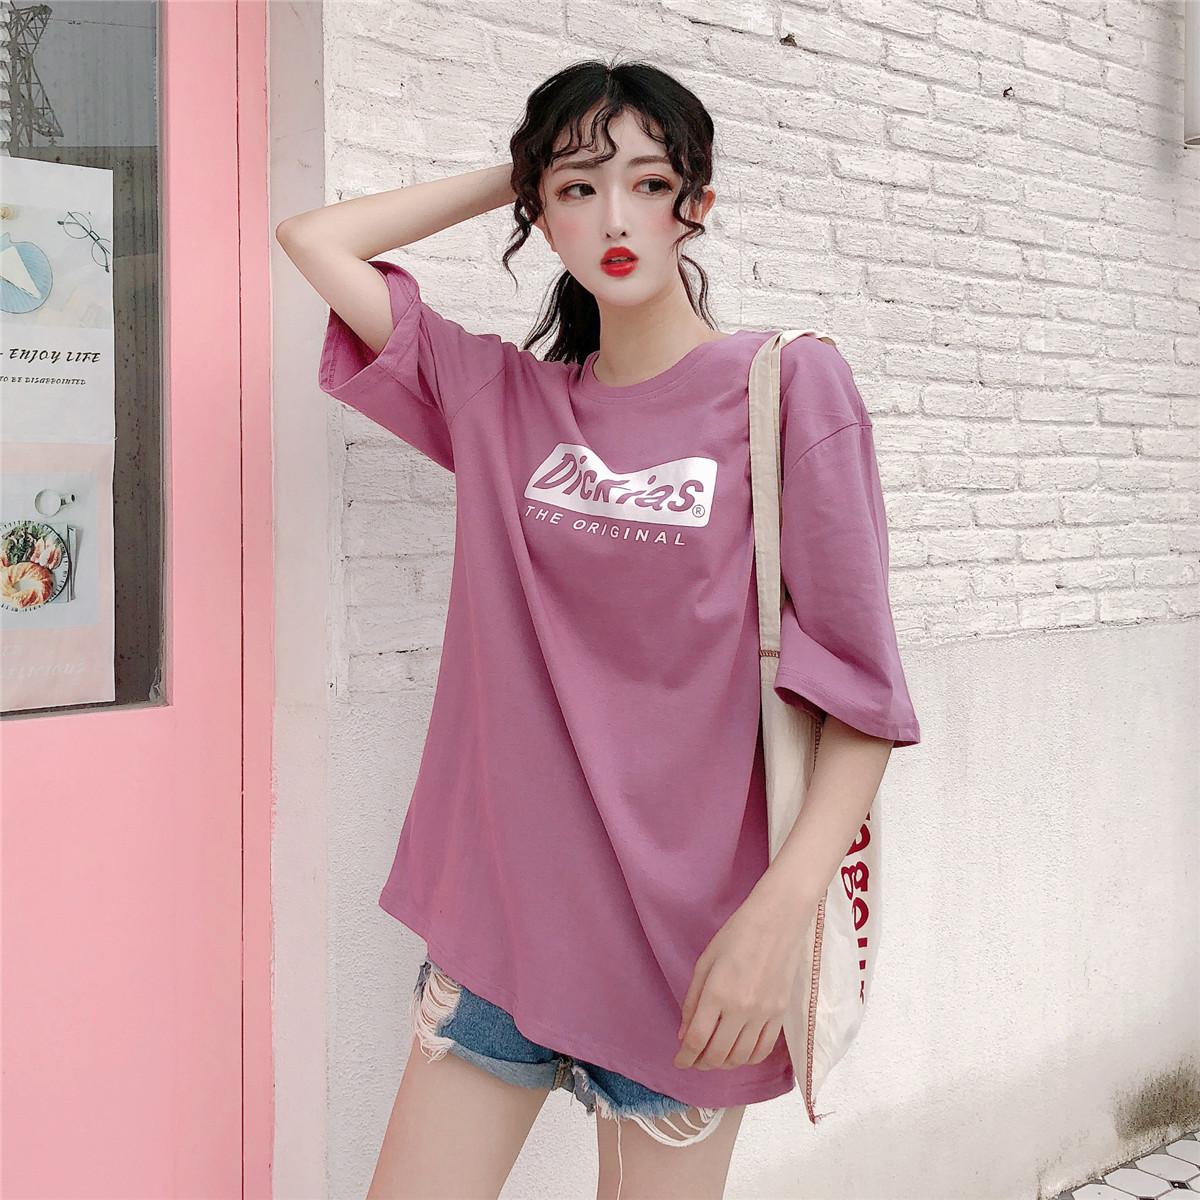 实拍 2021夏季新款短袖t恤韩版宽松型上衣